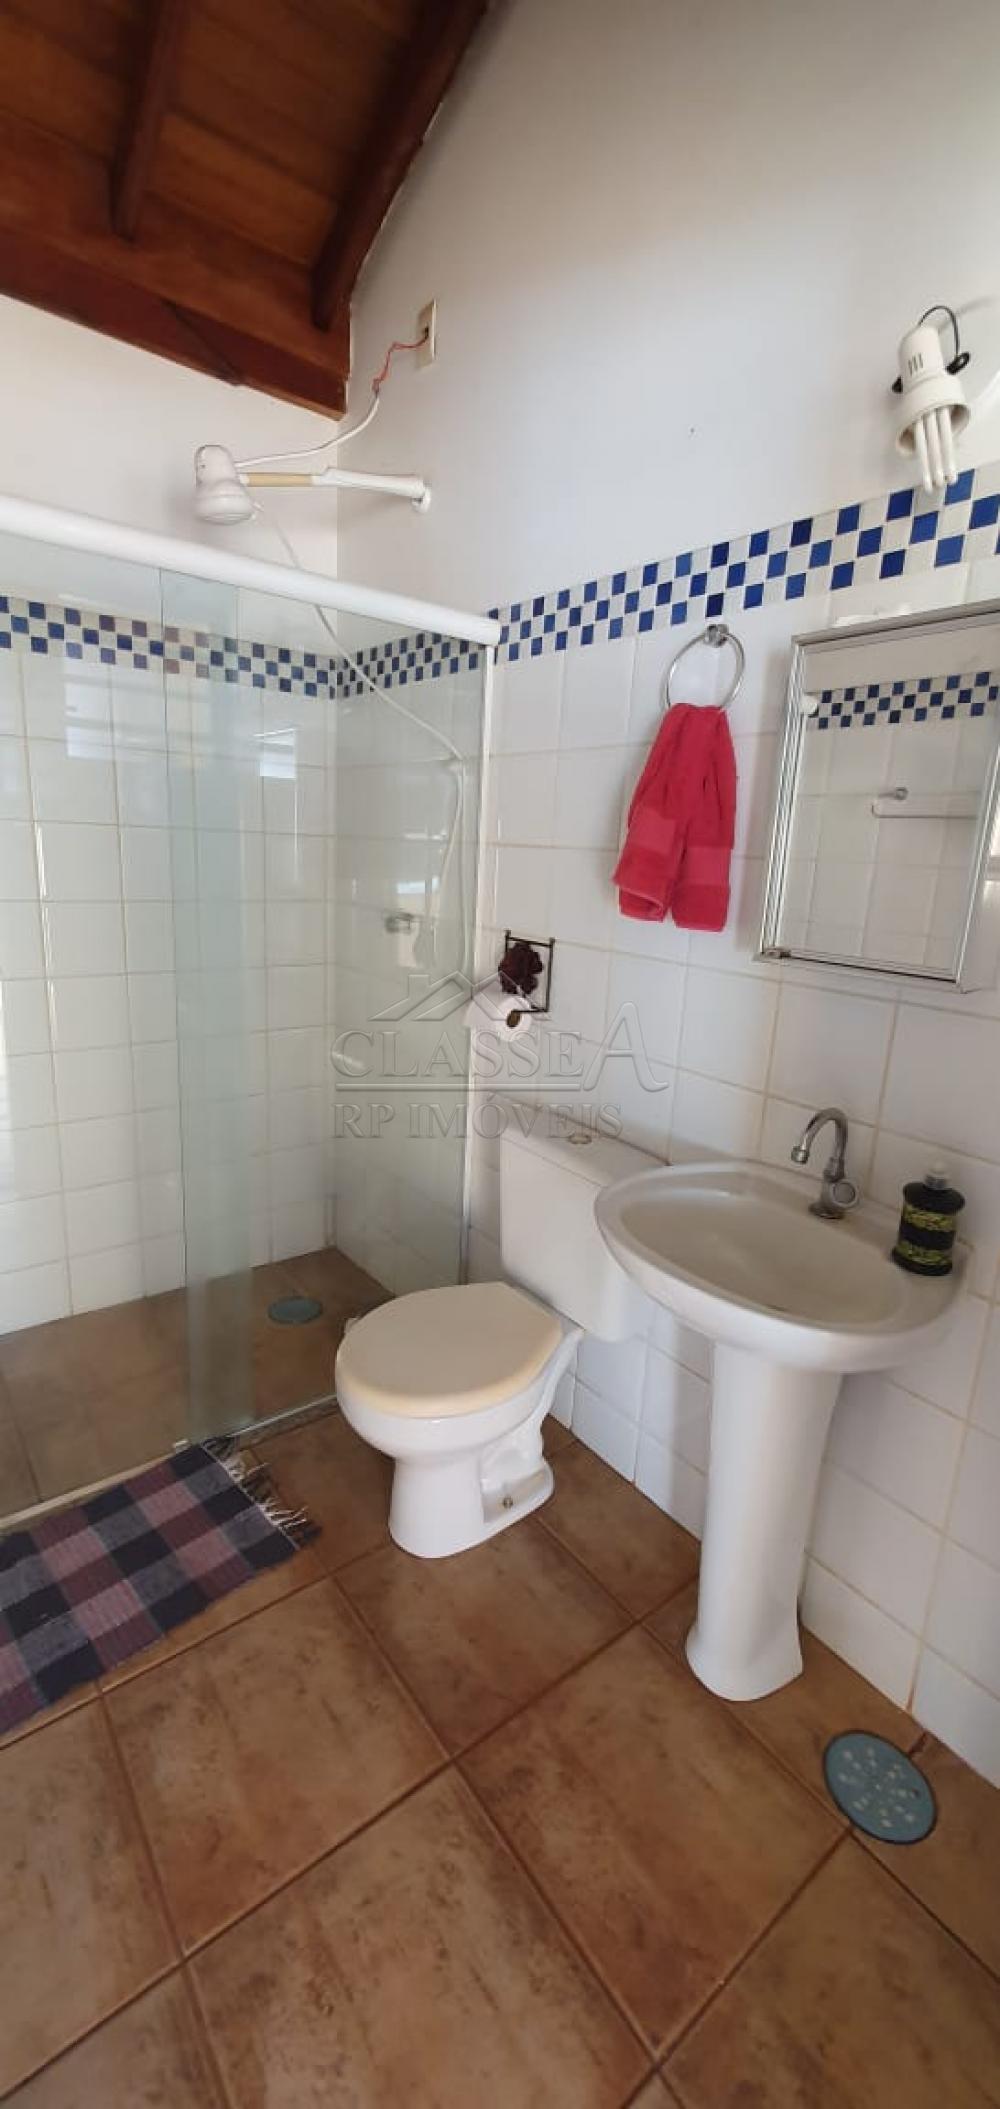 Comprar Casa / Condomínio - térrea em Ribeirão Preto R$ 800.000,00 - Foto 13